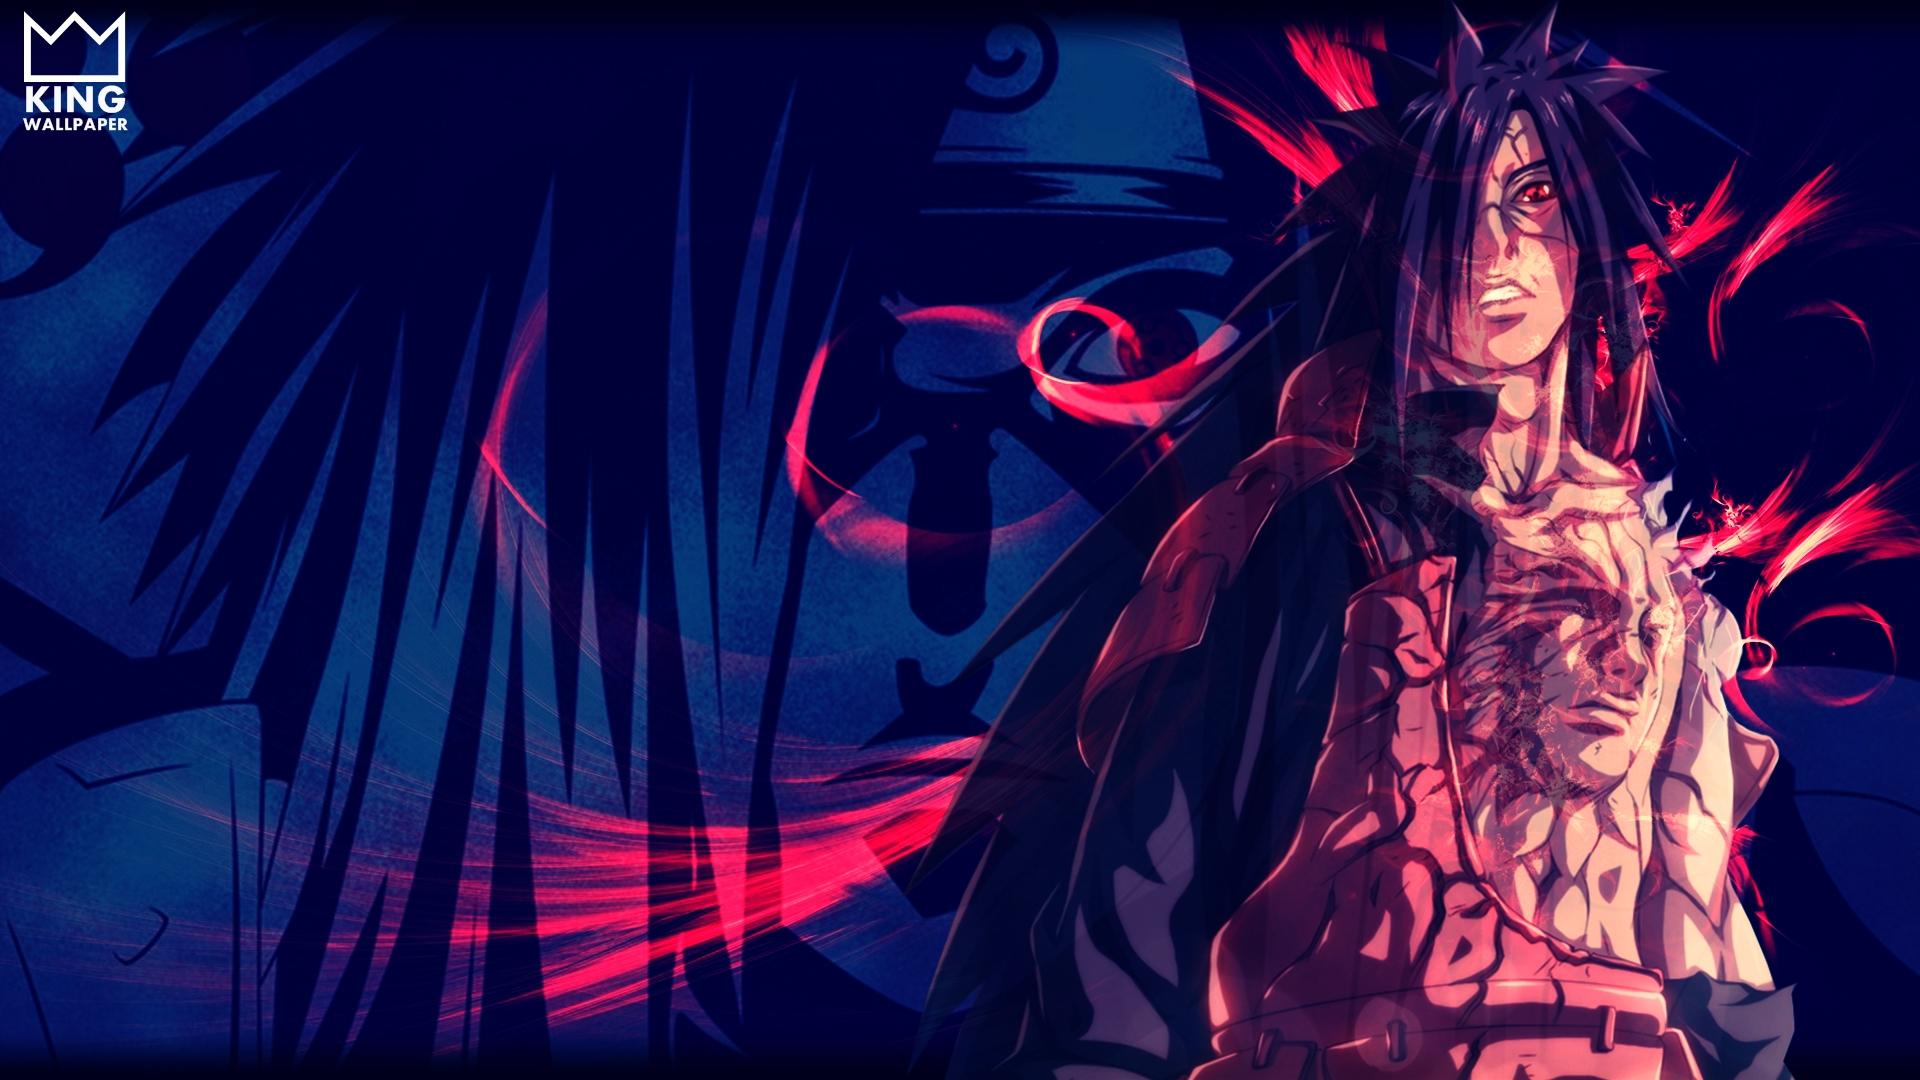 hashirama-senju-sage-mode-wallpaper